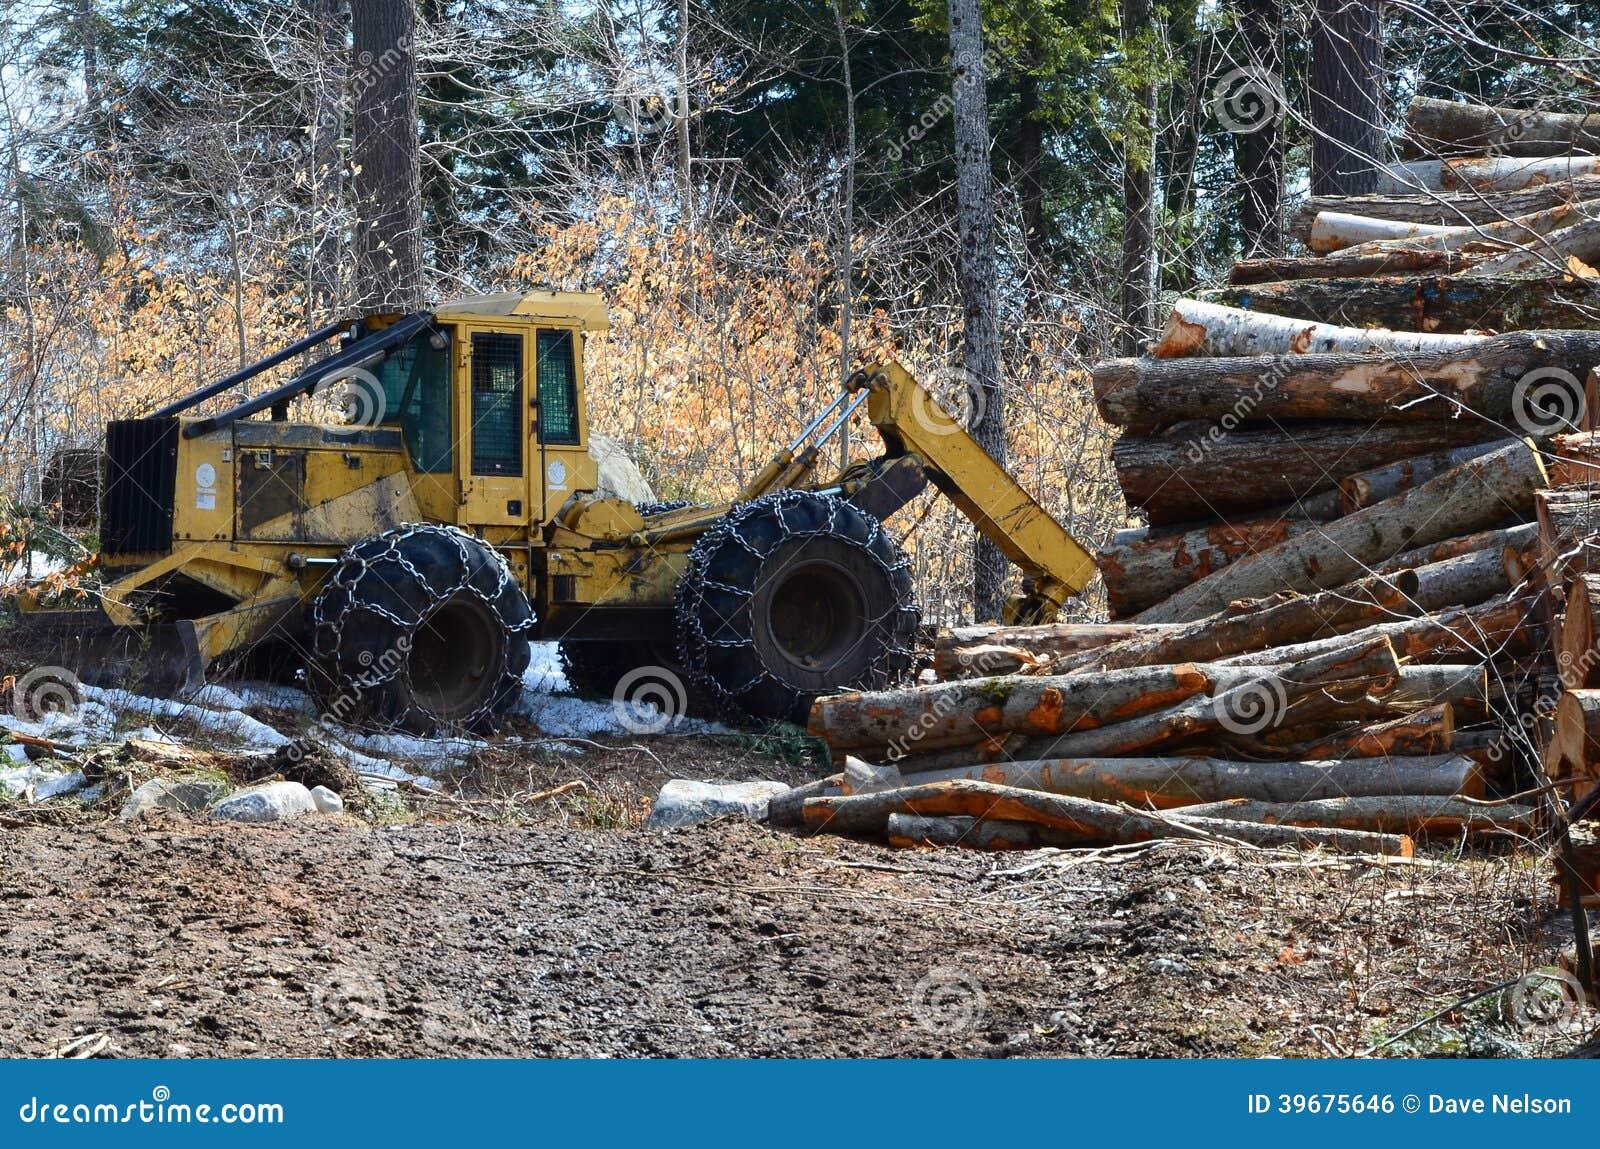 Logging skidder and logs